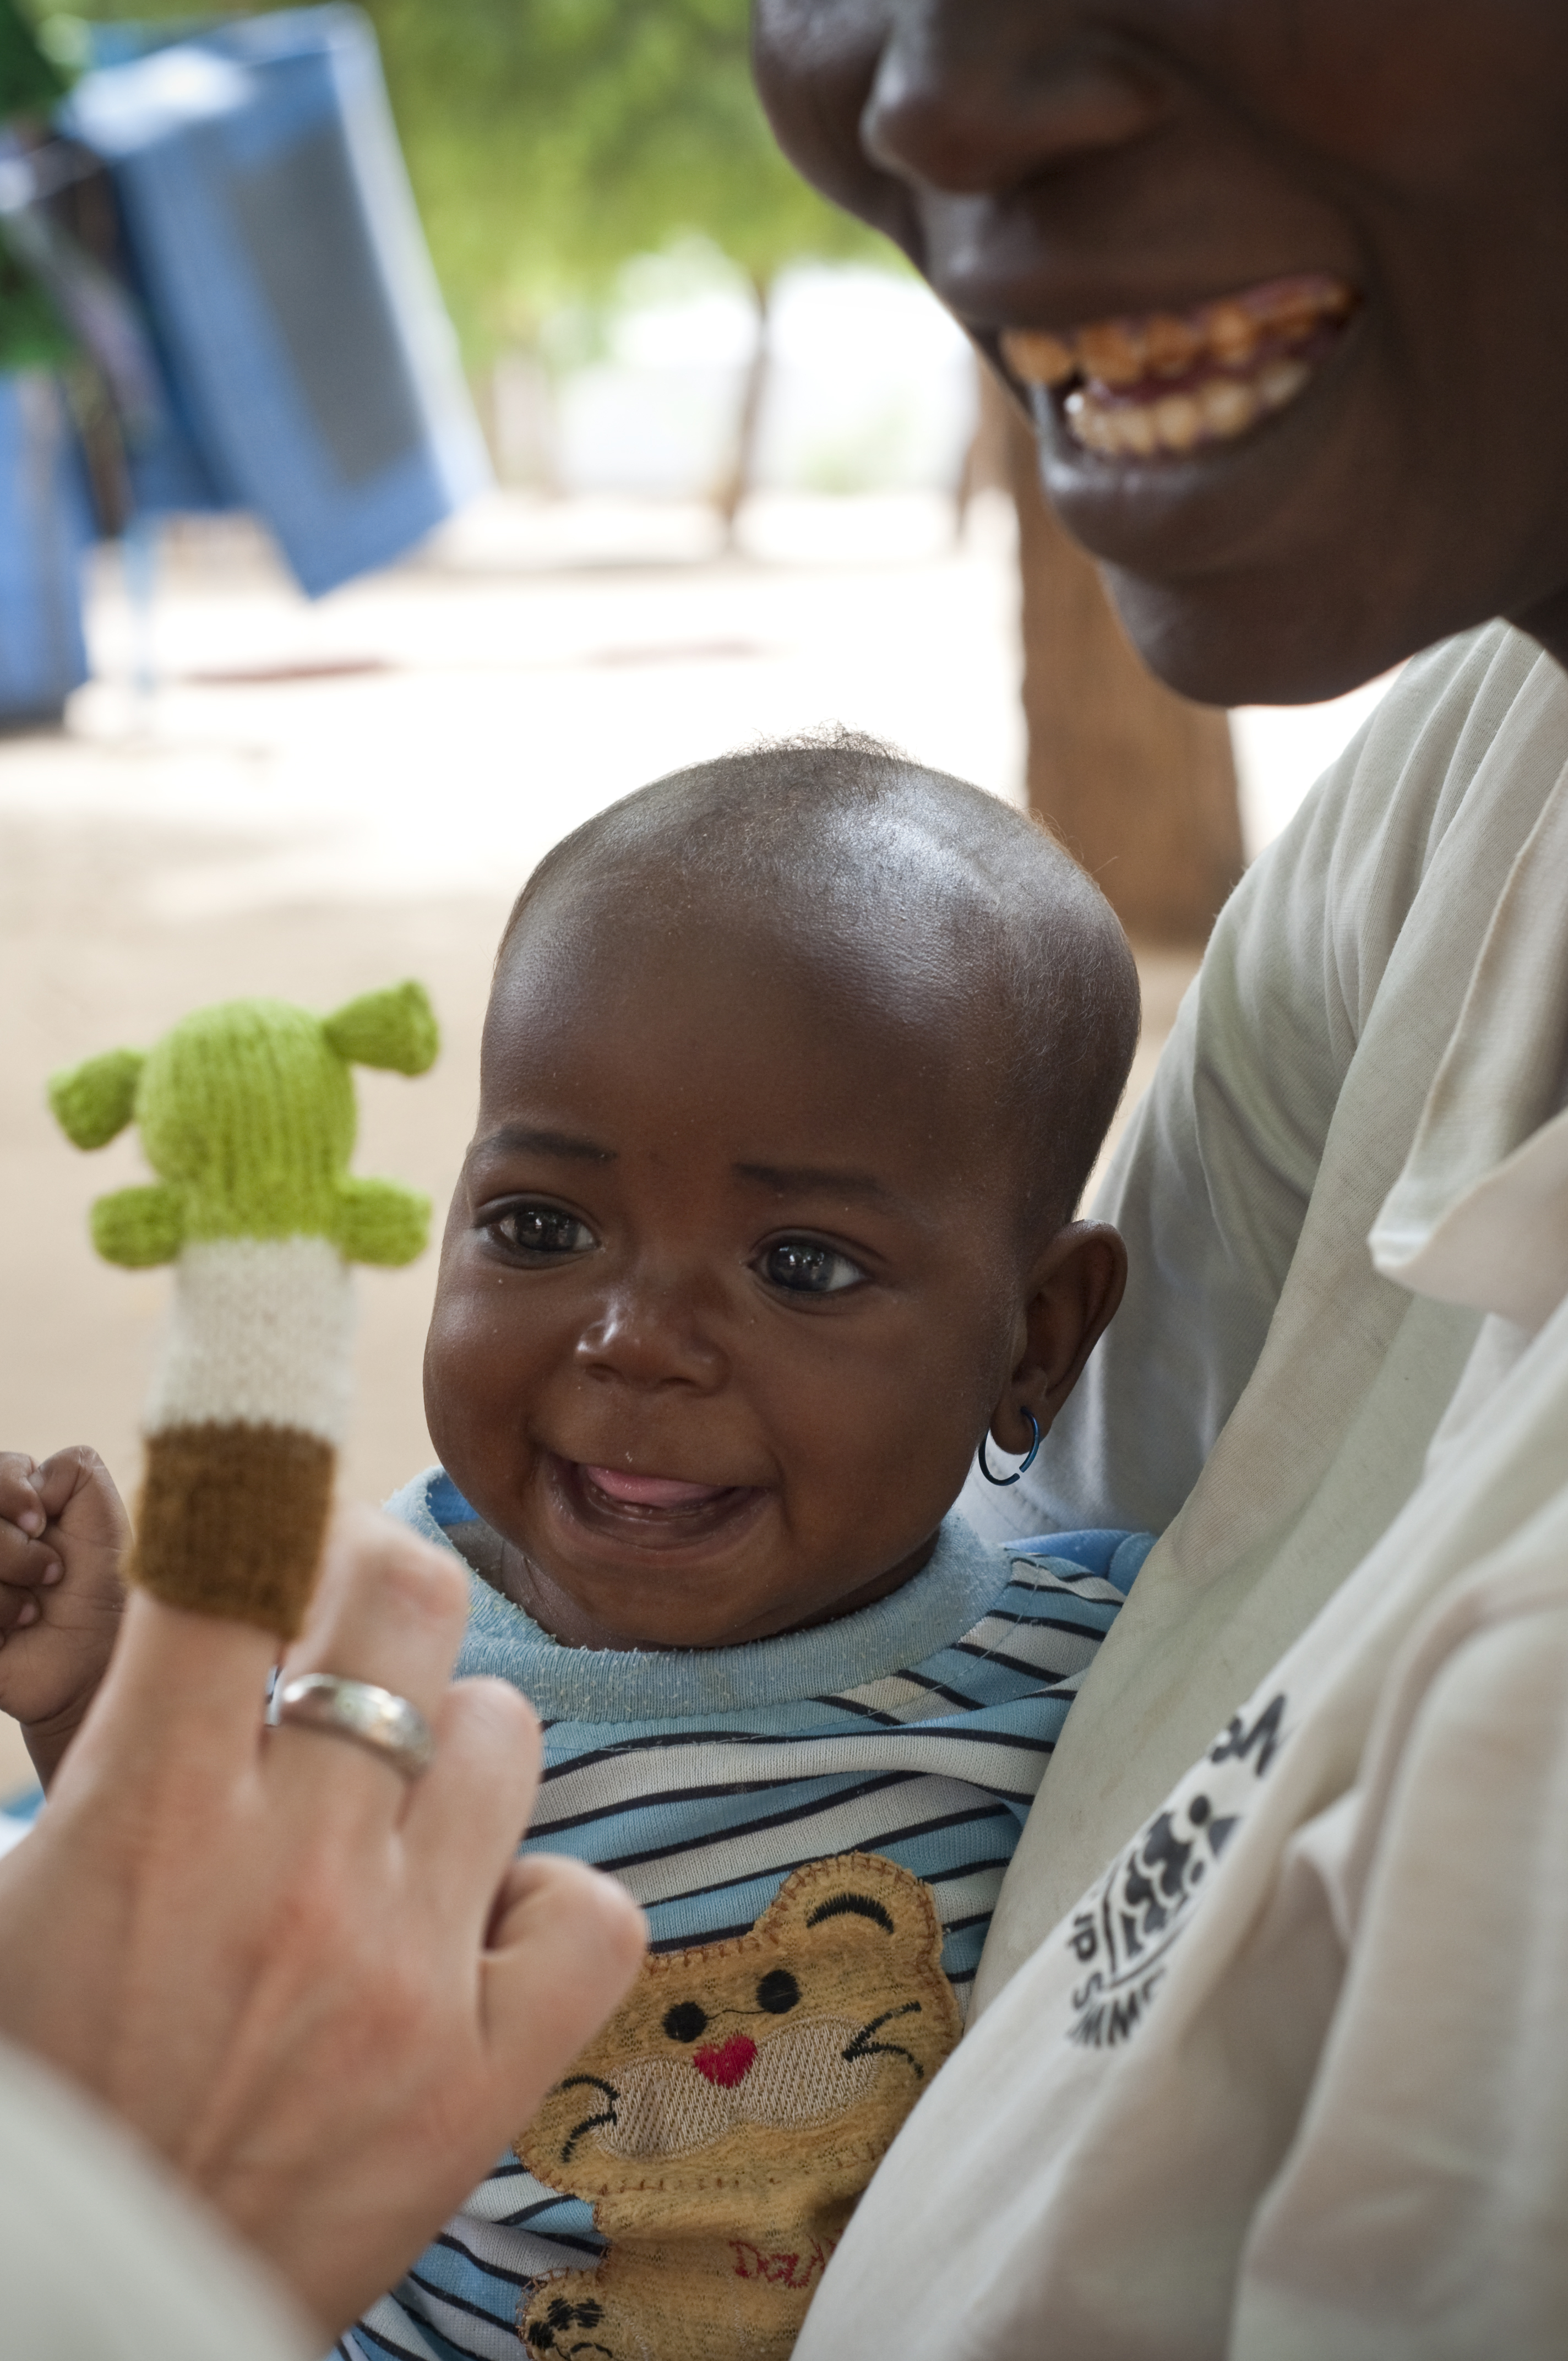 Aide au développement : parions sur l'avenir !